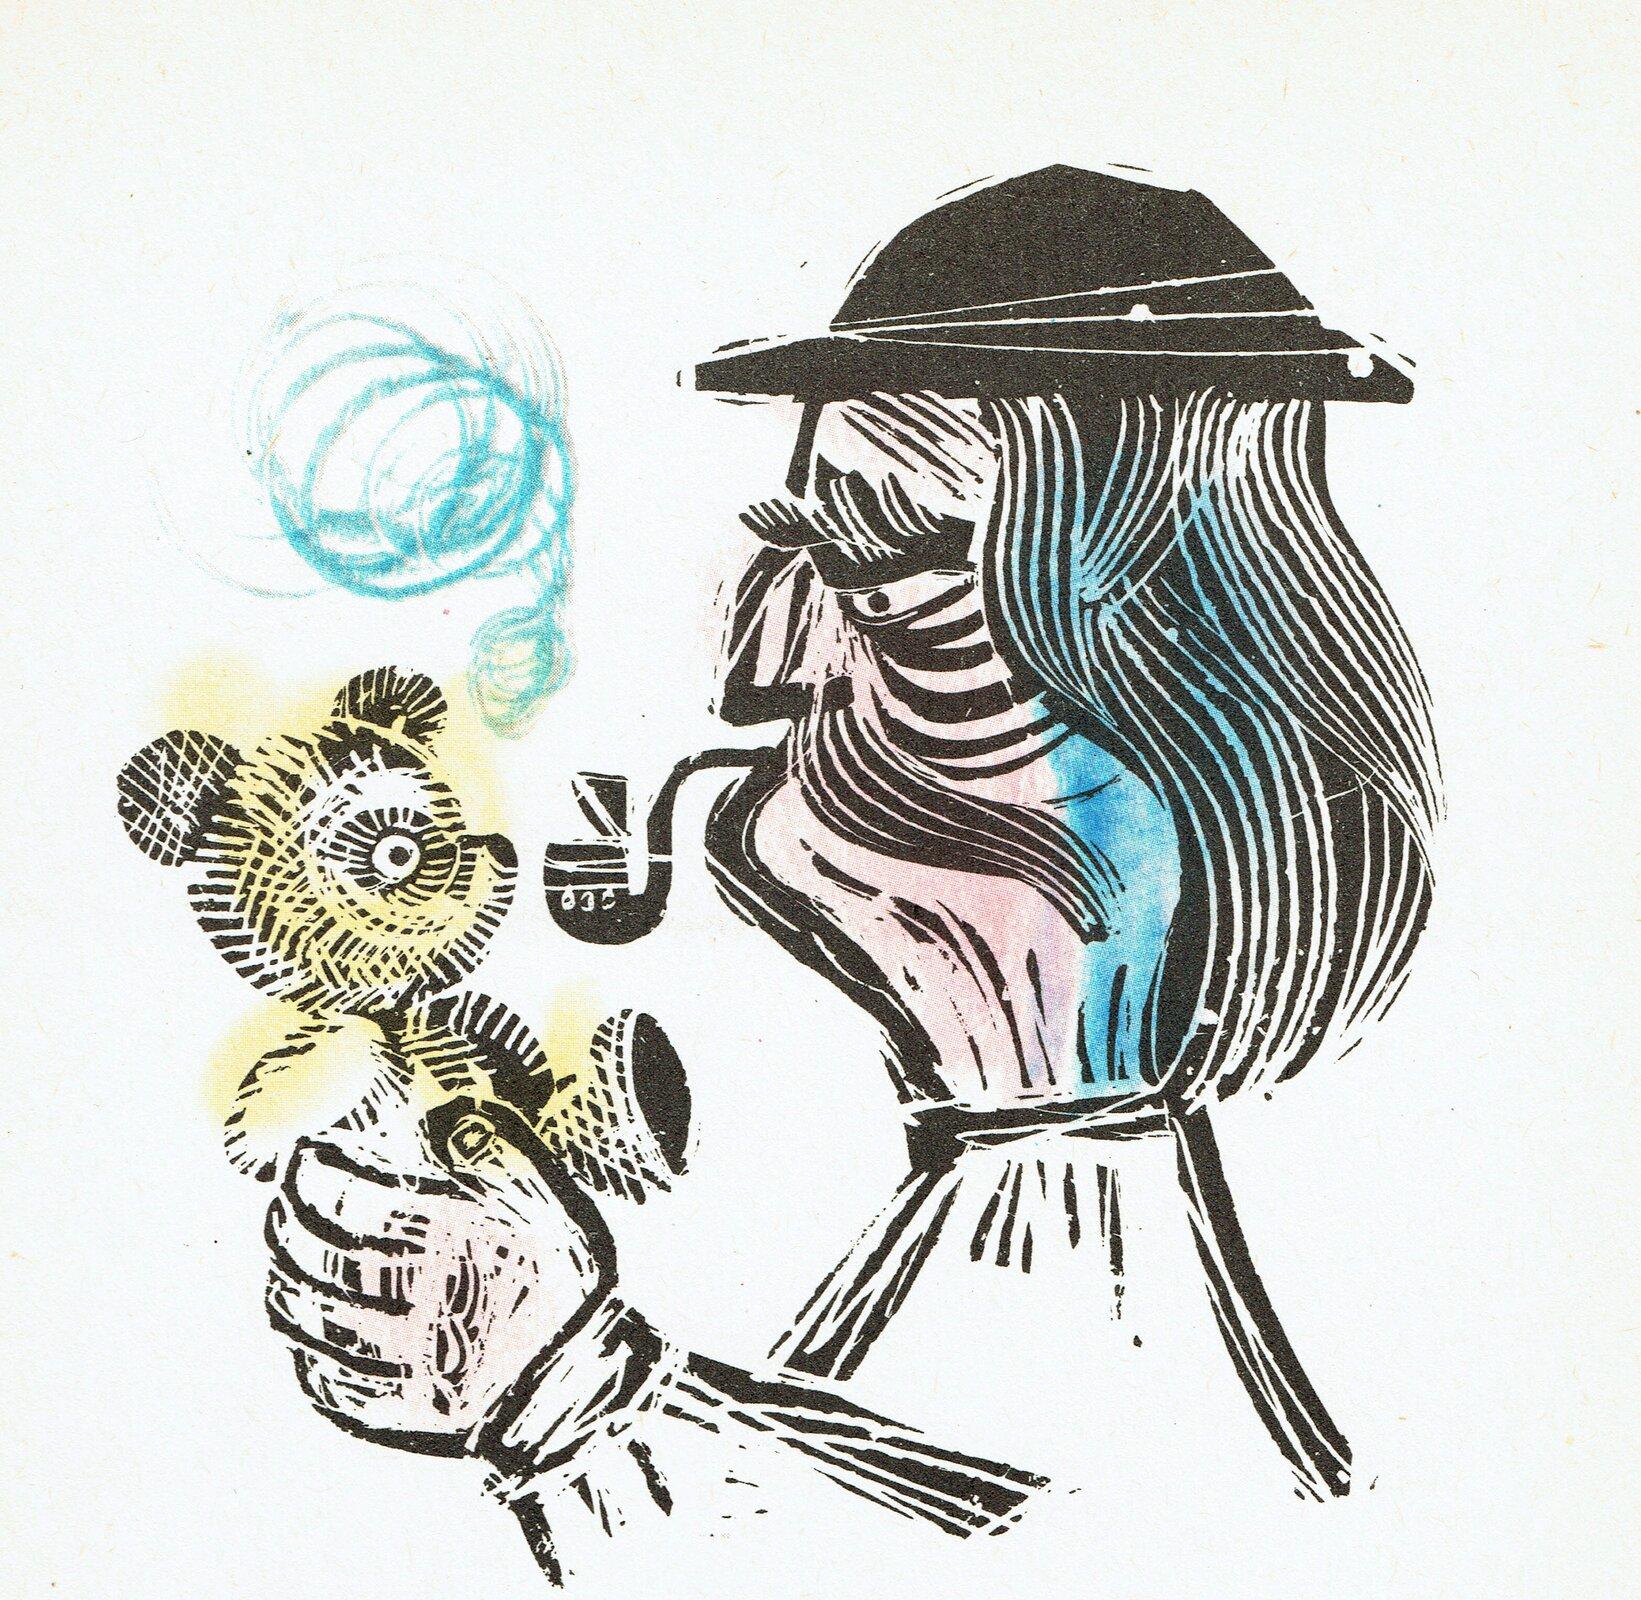 """Ilustracja przedstawia pracę Adama Kiliana zksiążki Janiny Porazińskiej, """"Pamiętnik Czarnego Noska"""". Ukazuje starego górala wkapeluszu odługich włosach, bujnym wąsie idymiącą fajką wustach. Mężczyzna trzyma wdłoniach małego misia."""